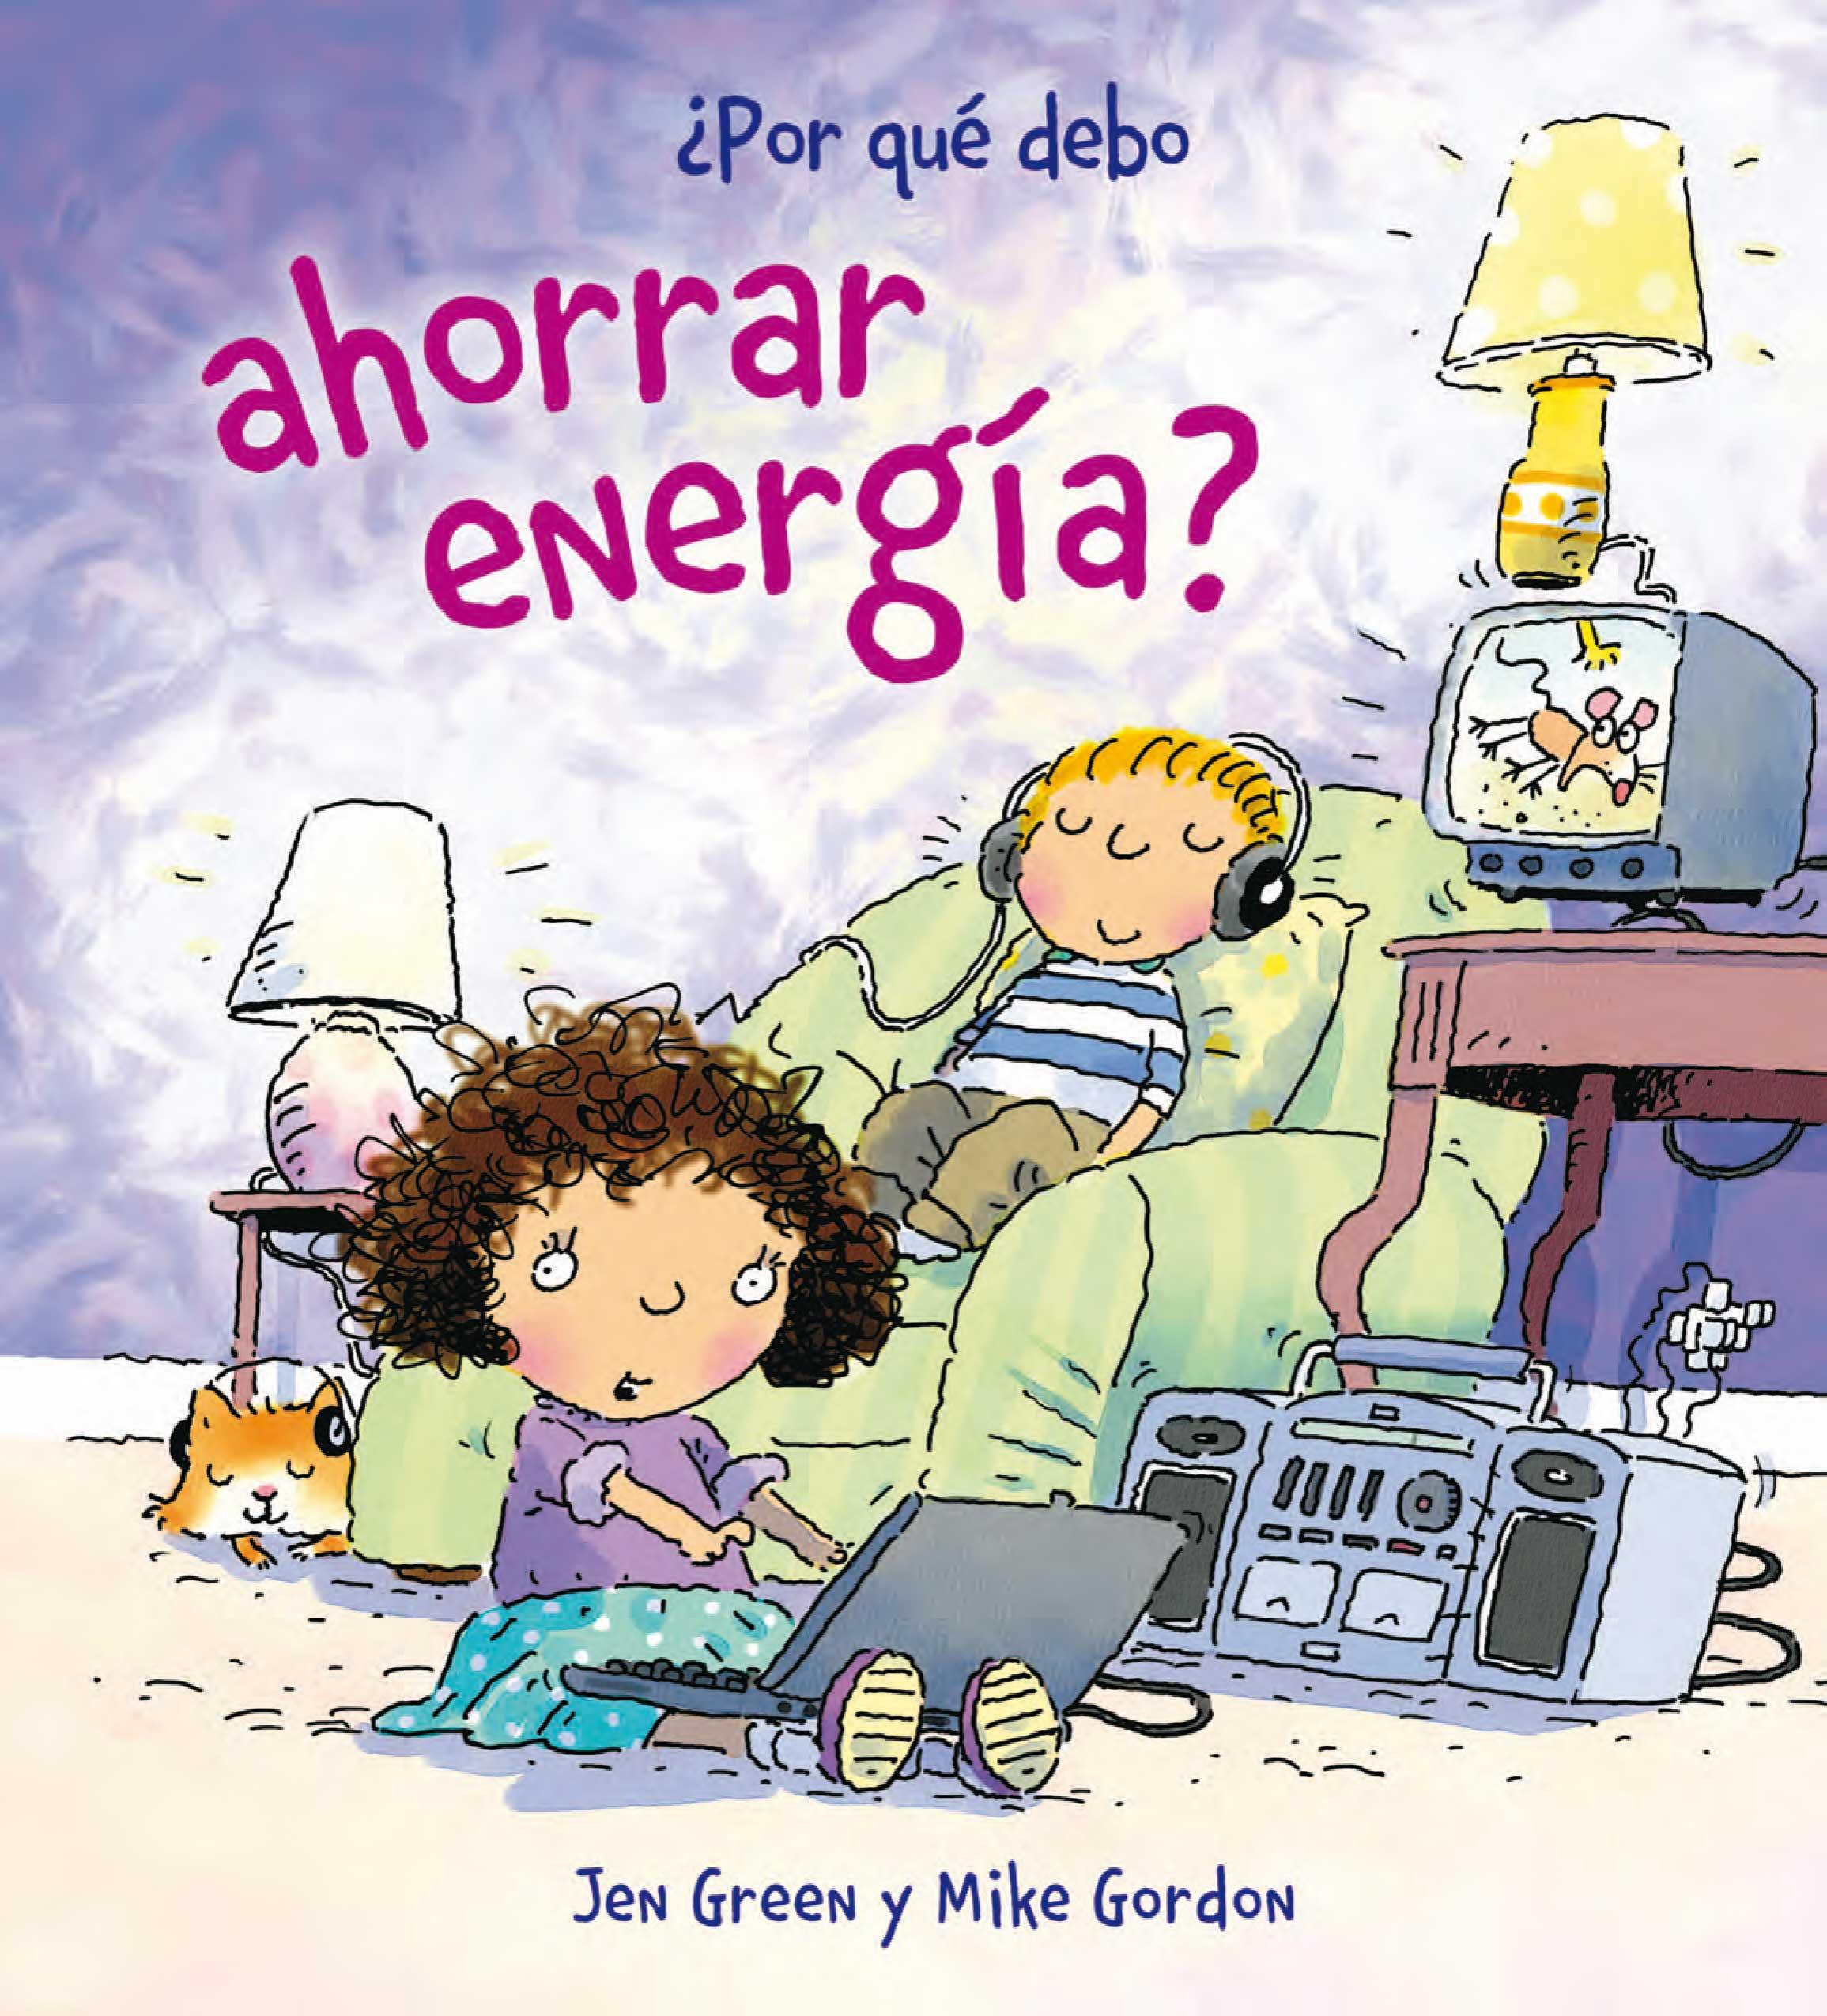 Por qu debo ahorrar energ a educaci n tecnolog a for Cosas para ahorrar agua